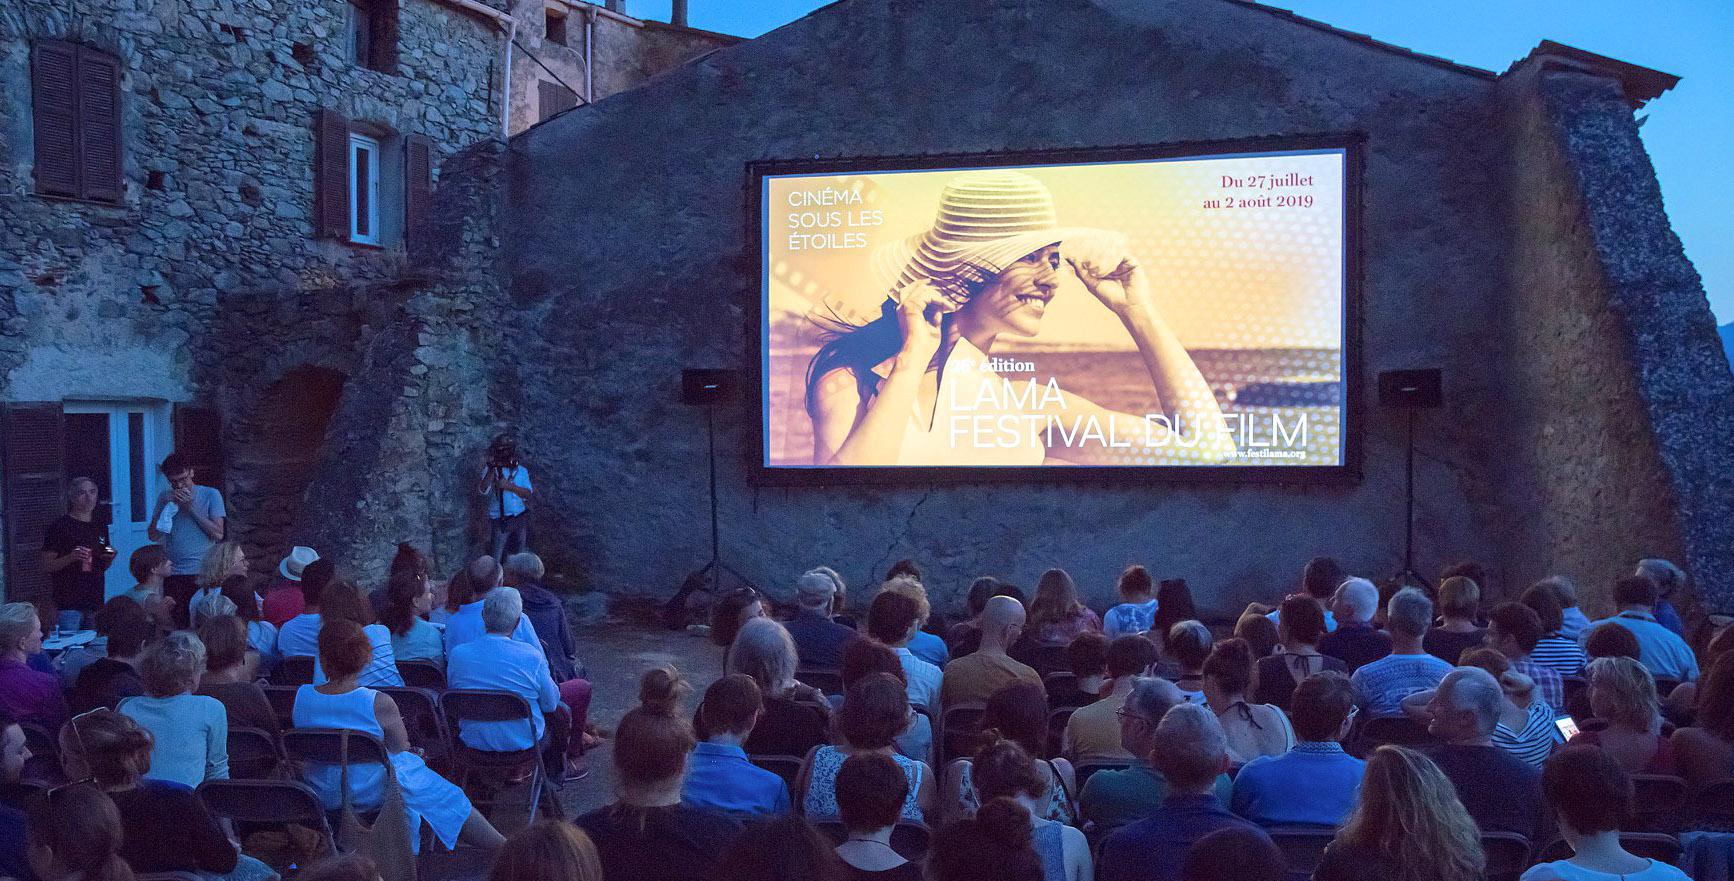 Le site de l'Umbria au cœur du village accueille chaque année la compétition des films corses